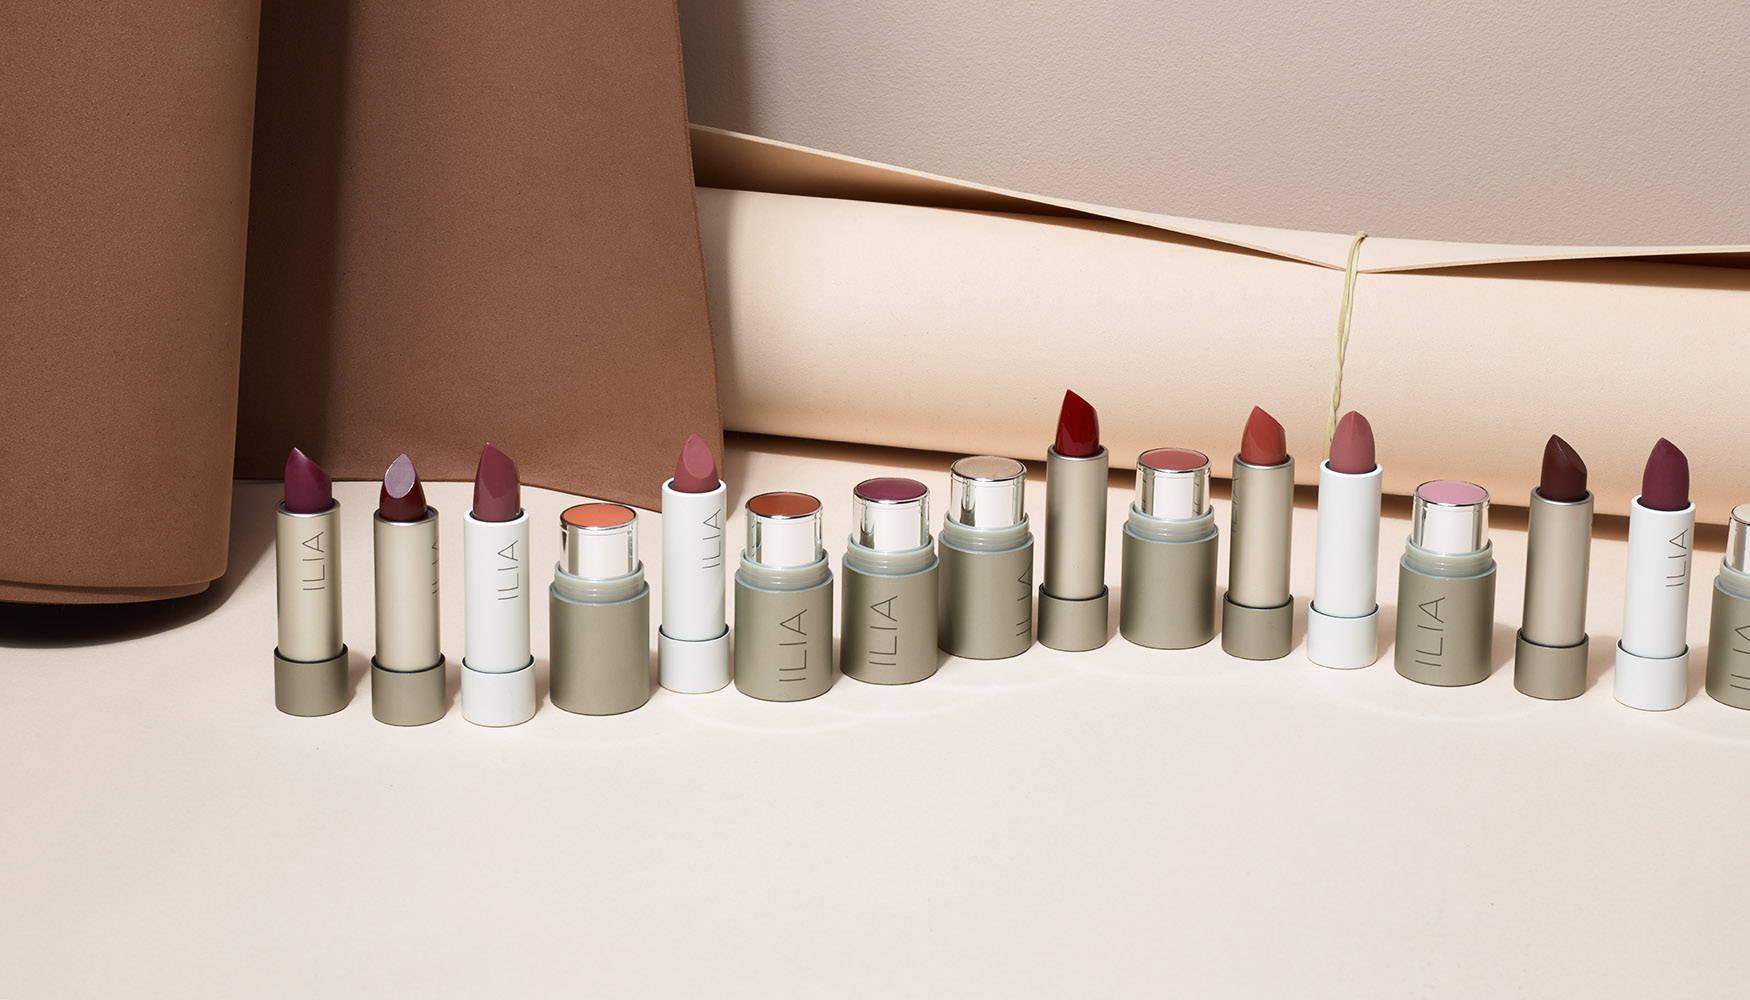 La sélection des Baumes à Lèvres Teintés et des Enluminateurs de Teint Ilia Beauty